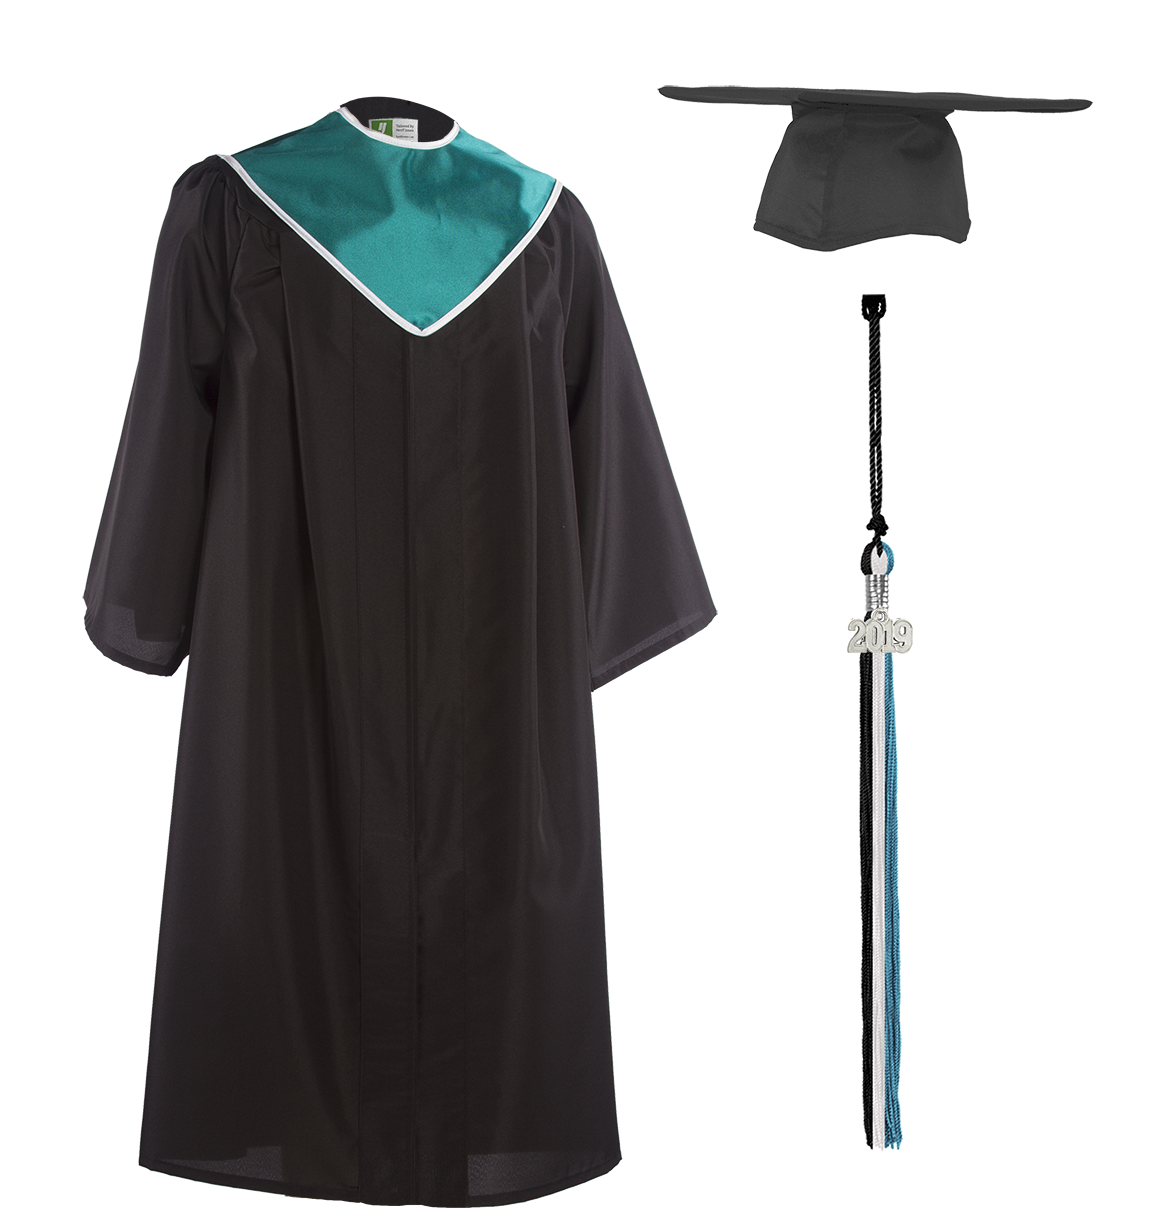 Del Norte High School | Campus Specialties, Inc. - Herff Jones ...